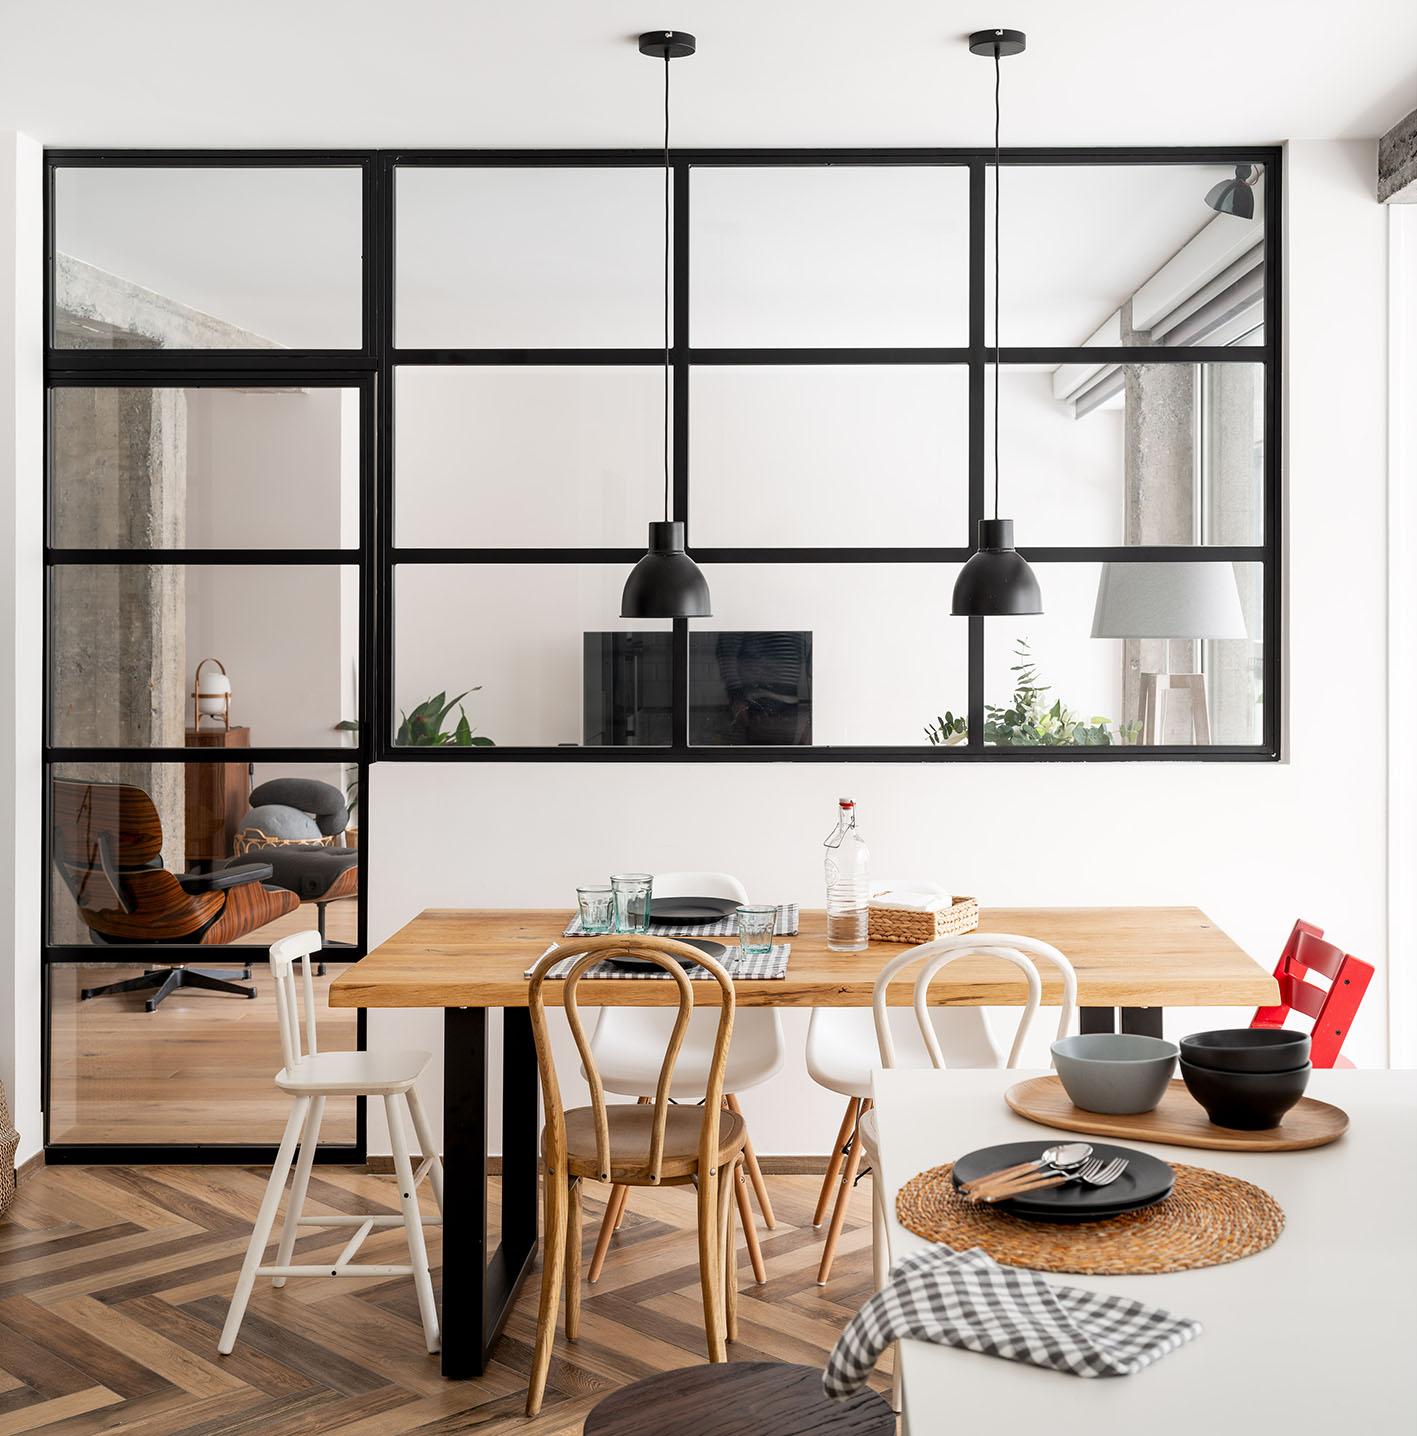 Reportaje fotográfico de arquitectura - Imagen de la cocina